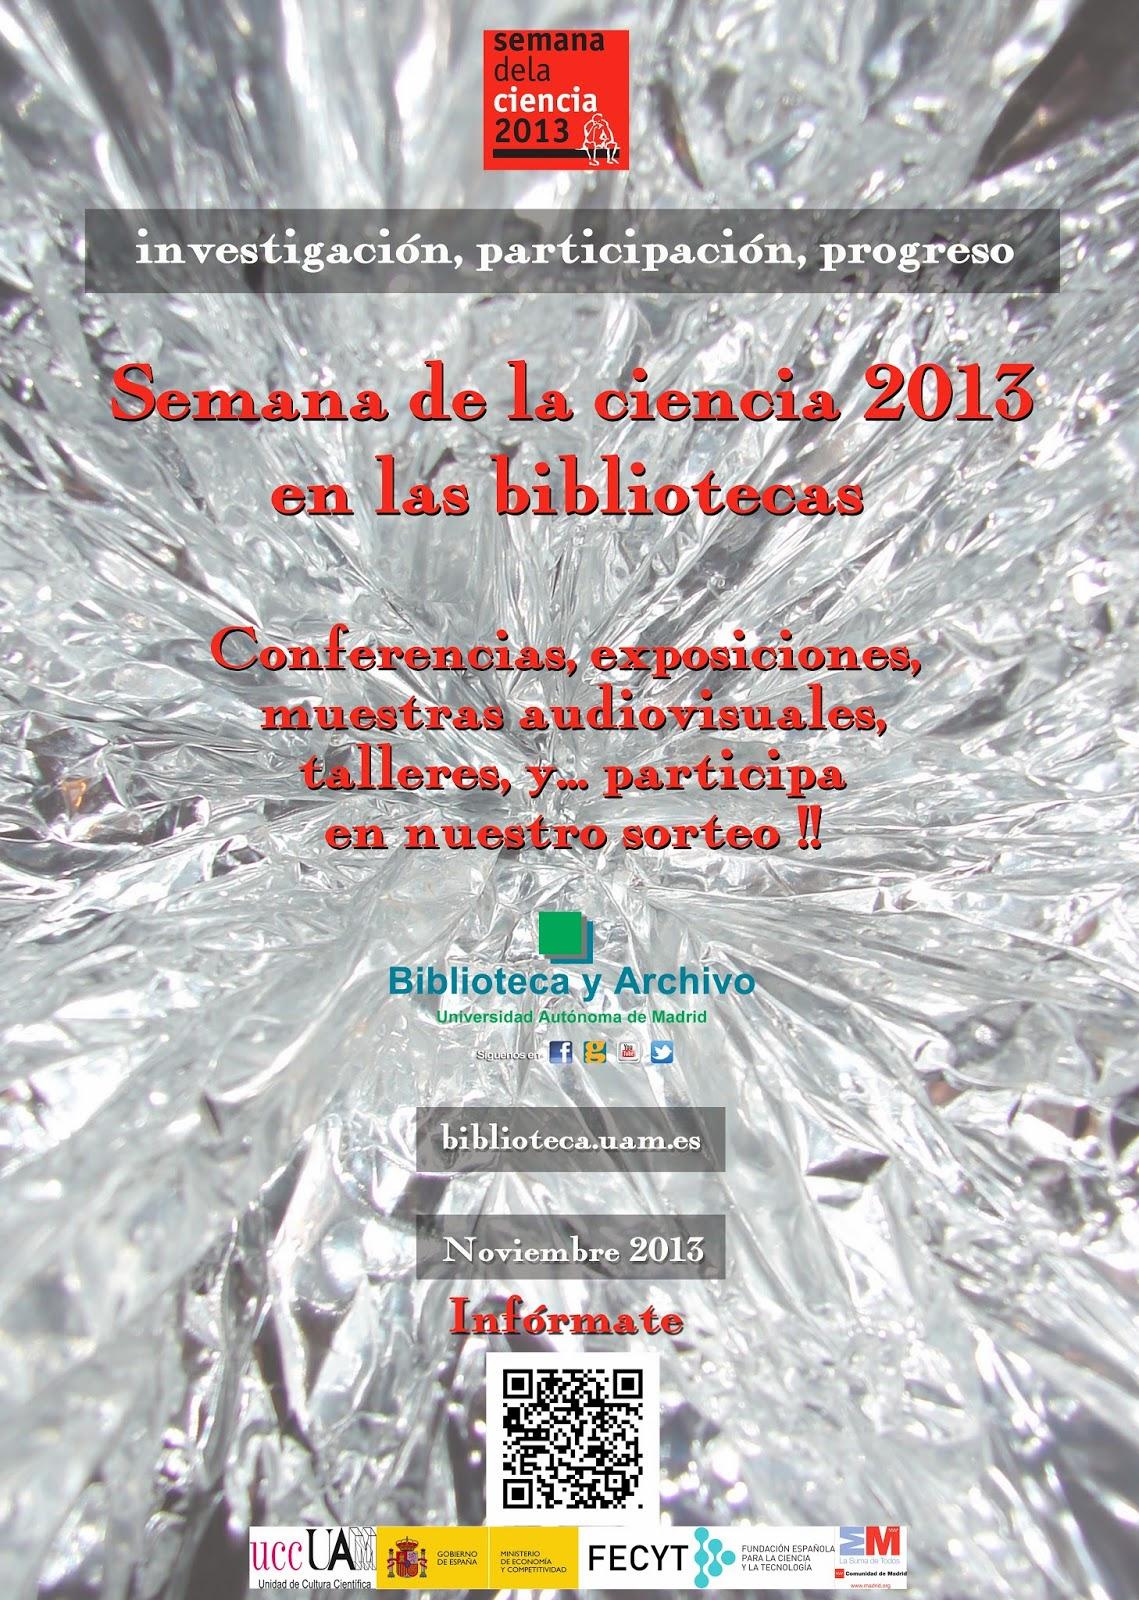 CanalBiblos: blog de la Biblioteca y Archivo de la UAM: octubre 2013